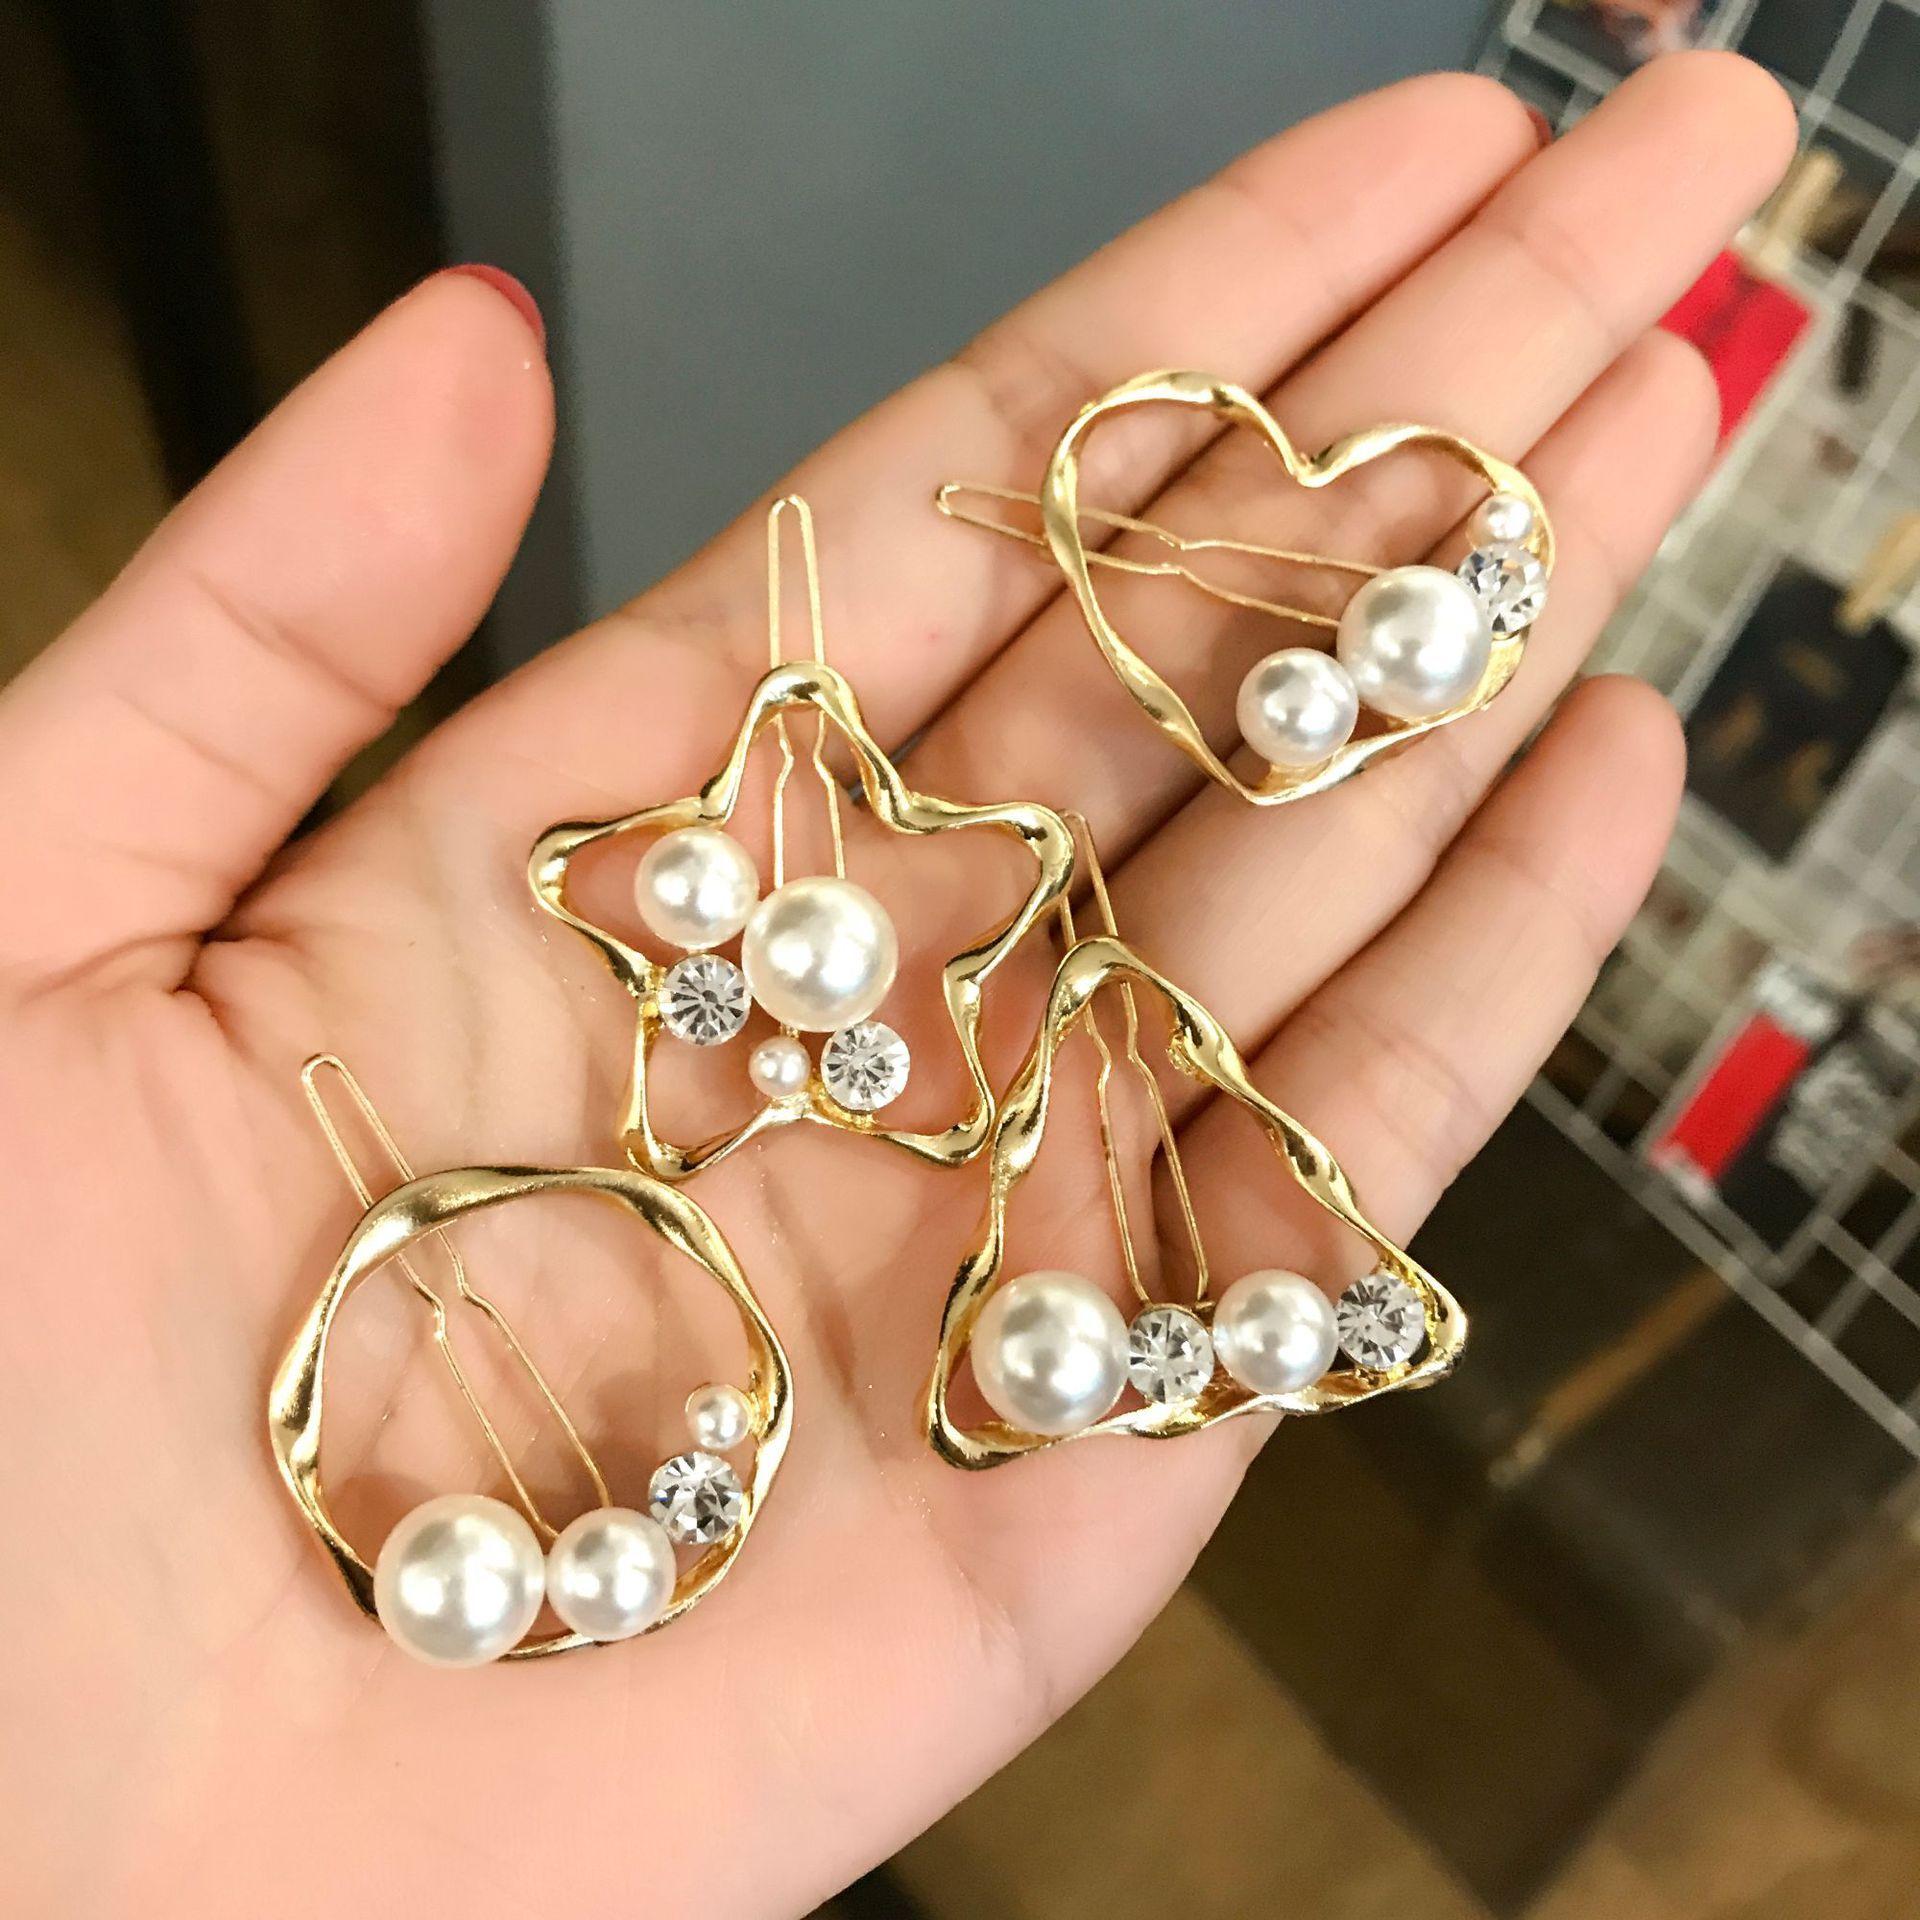 Fête de mariage cadeau perles perles dame femme bijoux en diamants Barrettes en épingle à cheveux Barrettes pour l'obtention du diplôme d'initiation agissant mariée QM-48